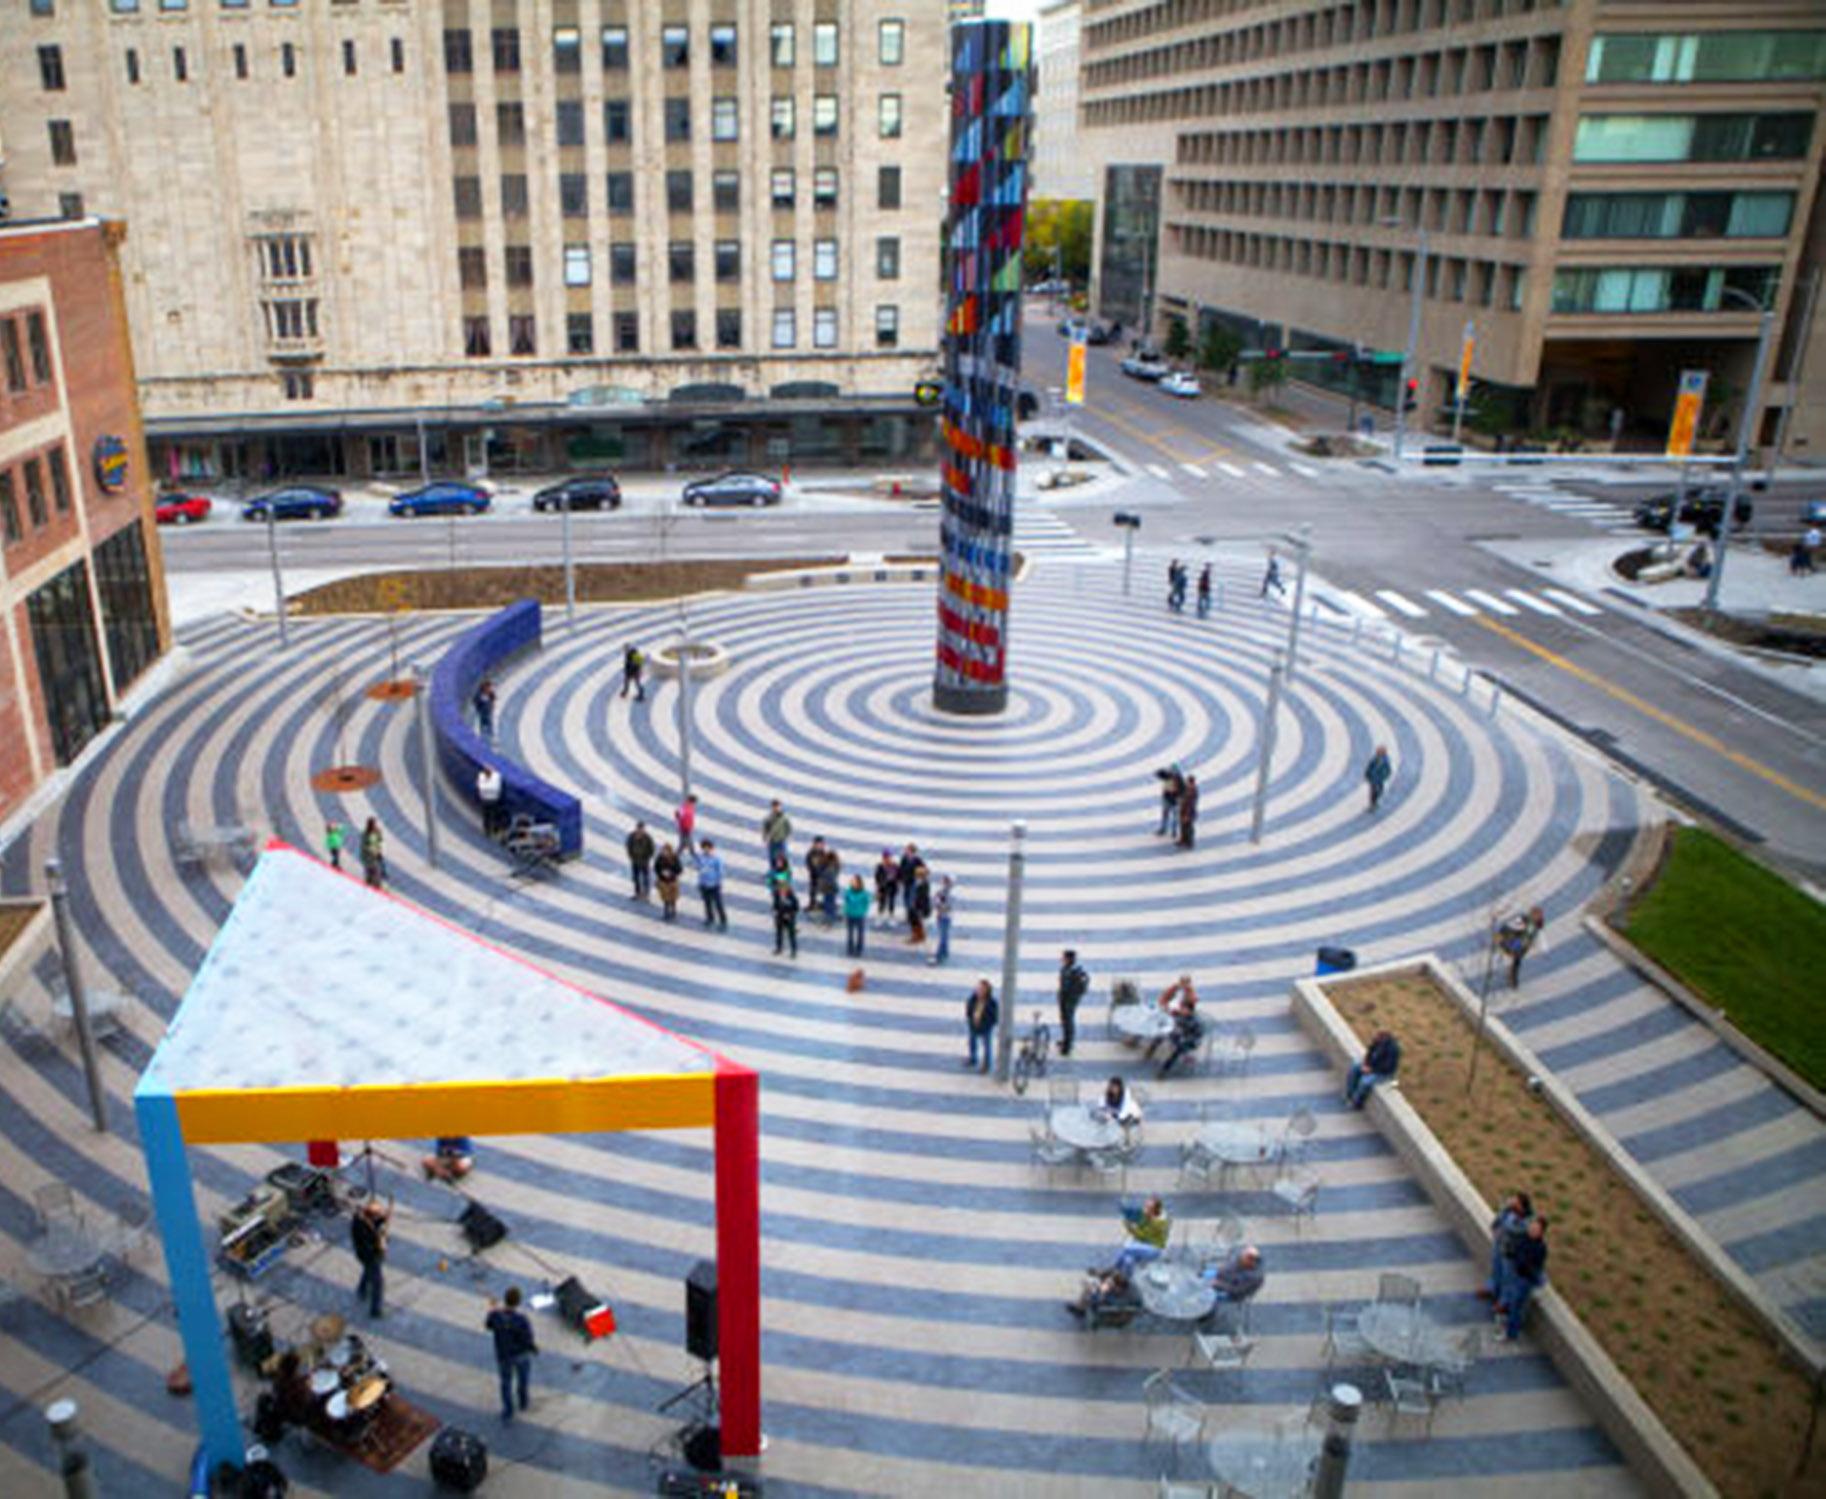 Lincoln Civic Plaza